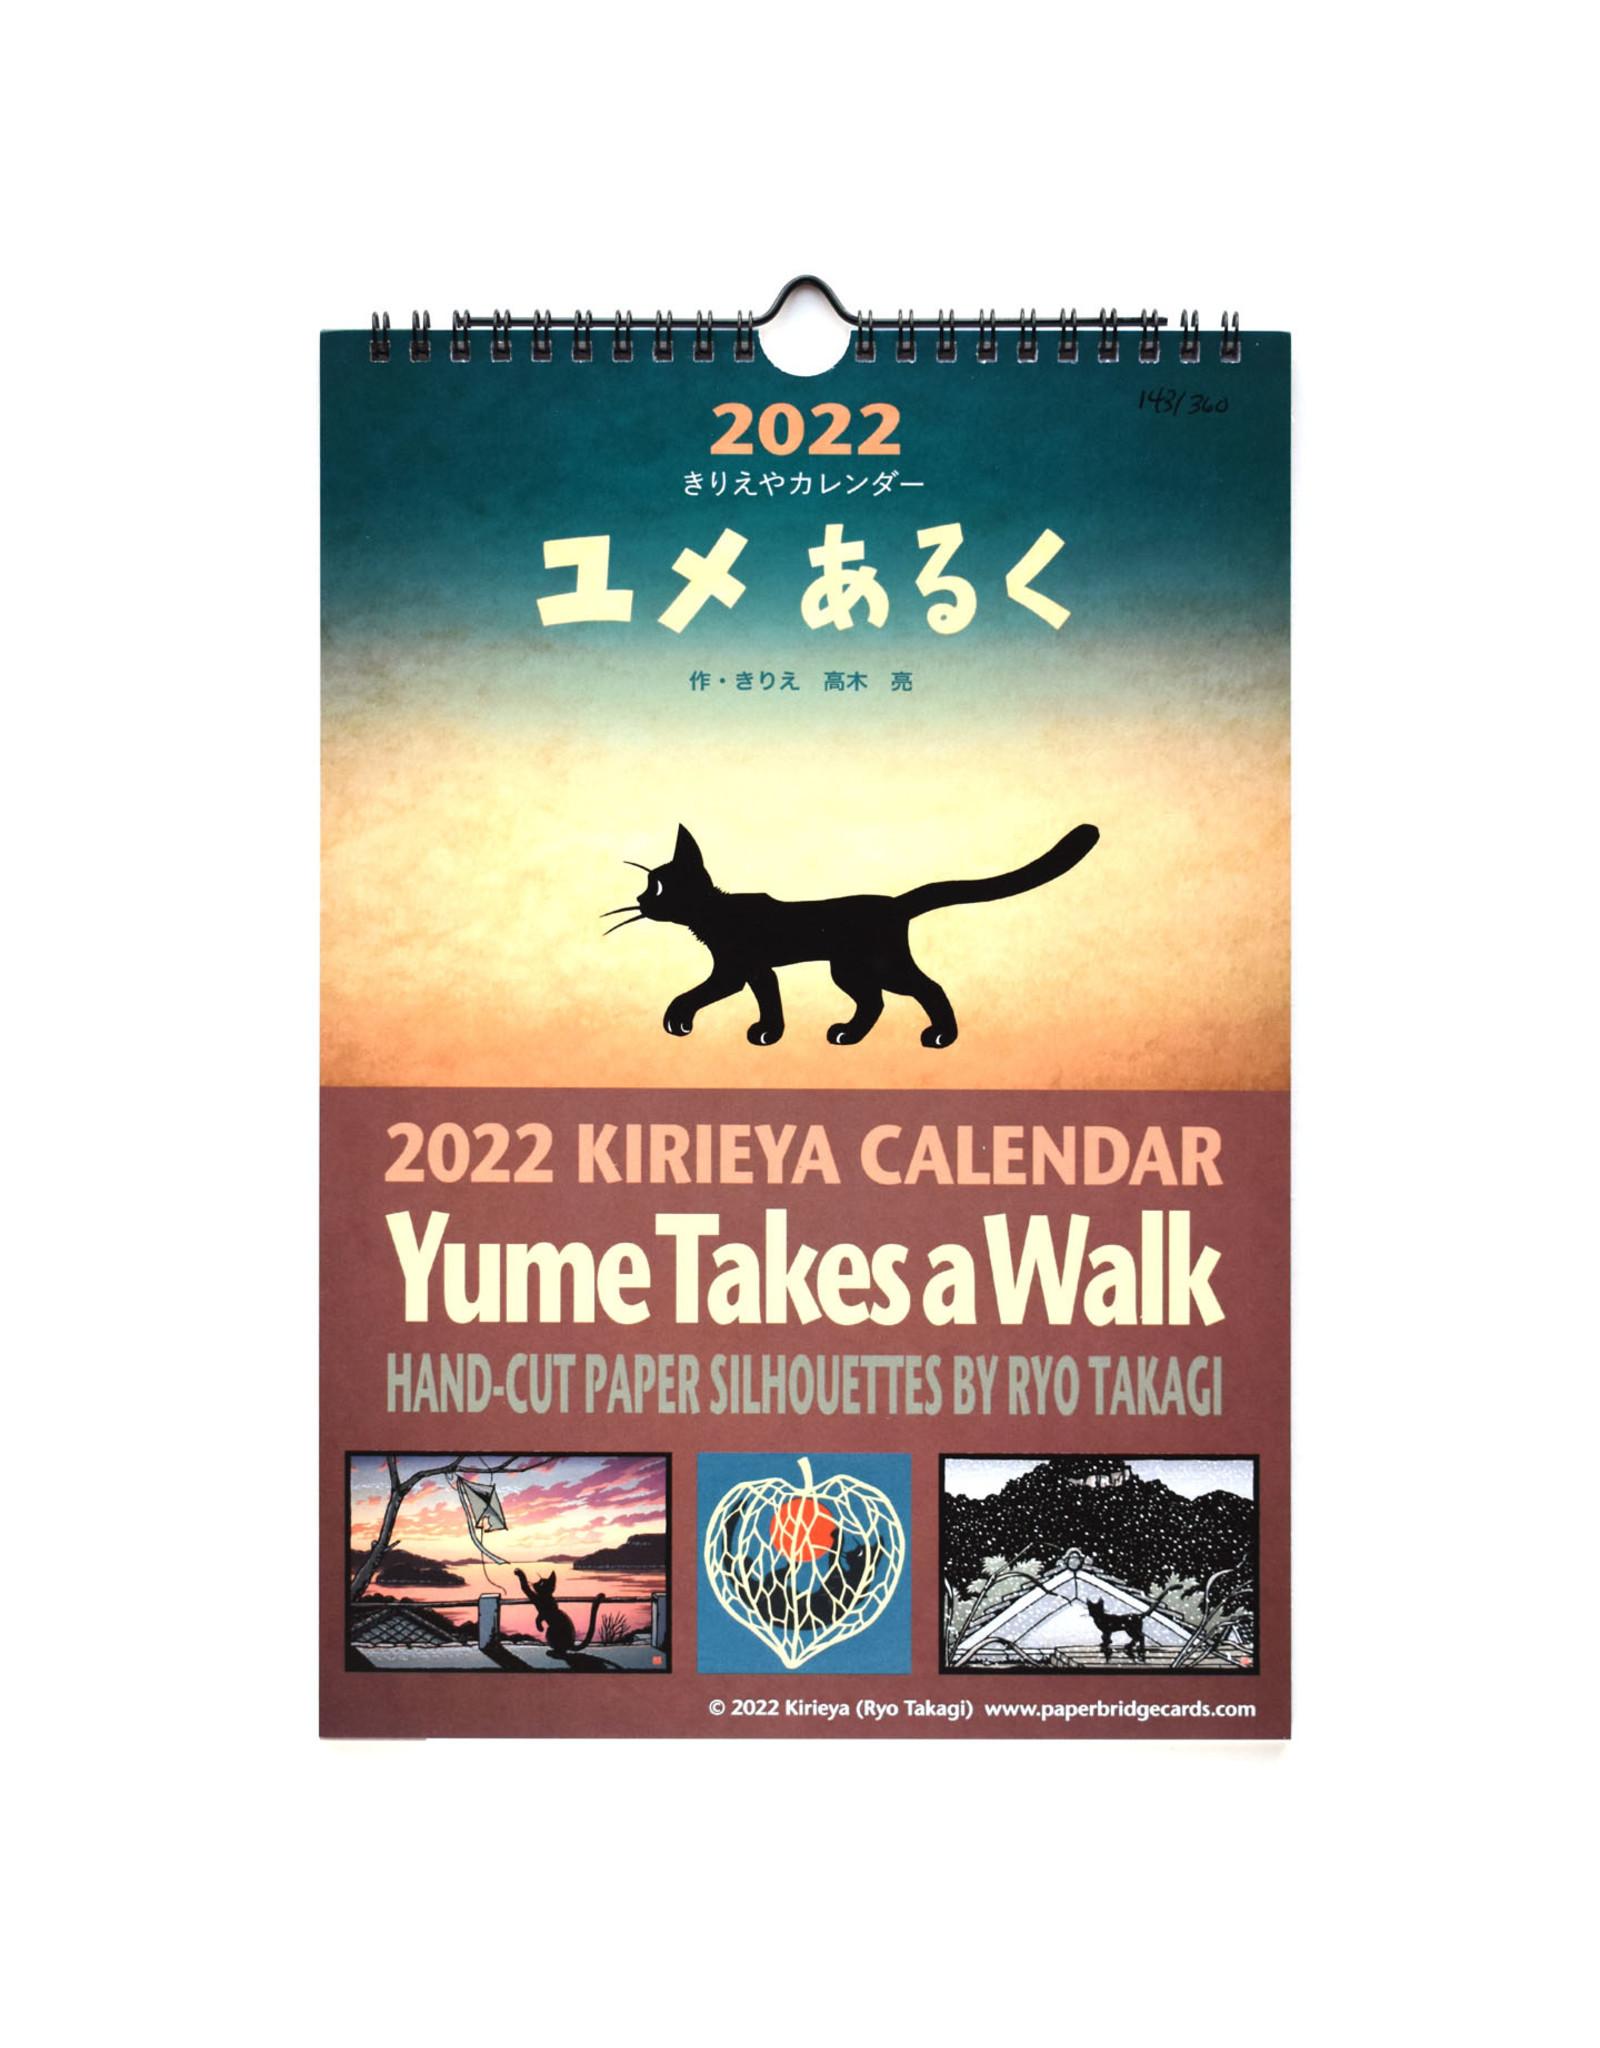 Kirieya 2022 Calendar